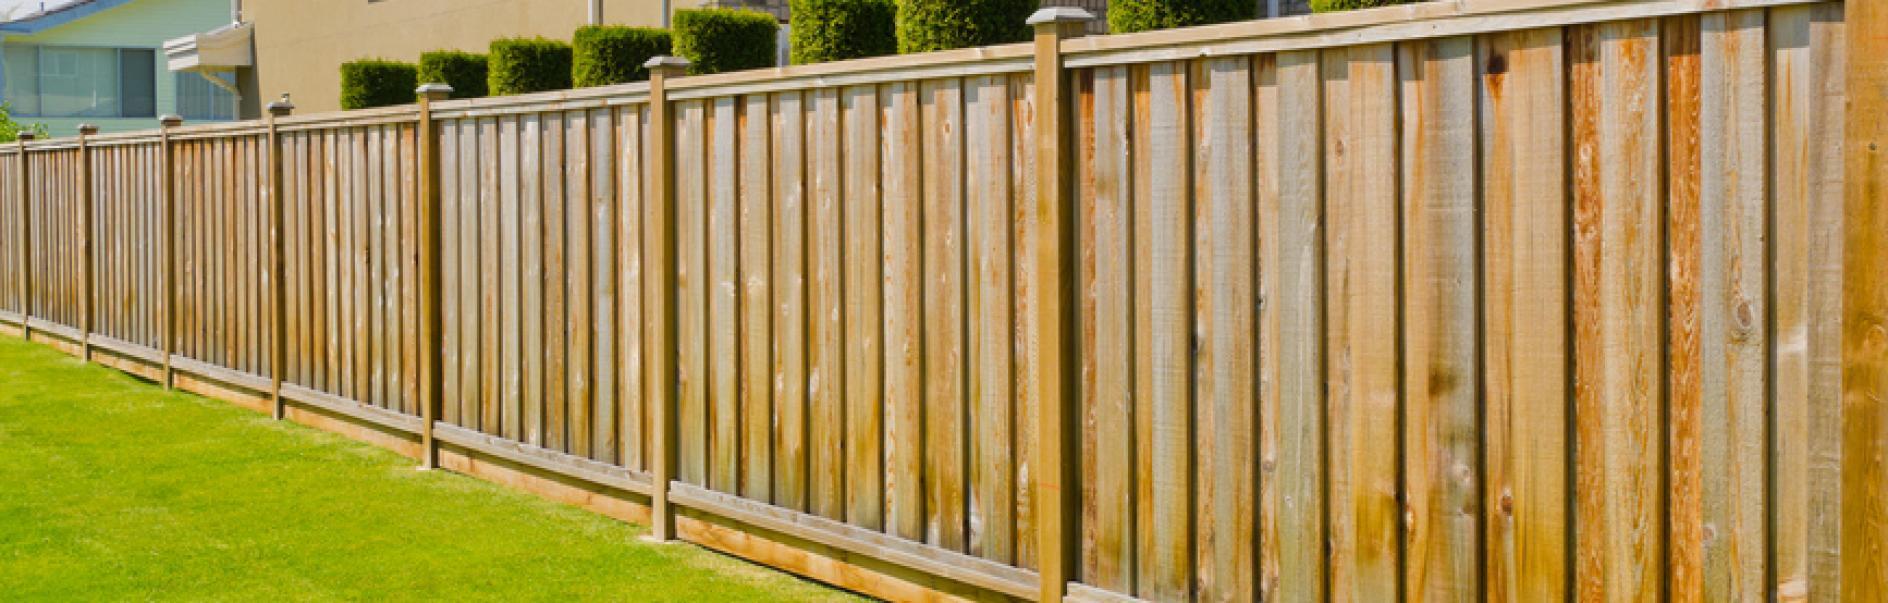 Come Recintare Un Giardino realizza la tua recinzione o un divisorio in giardino